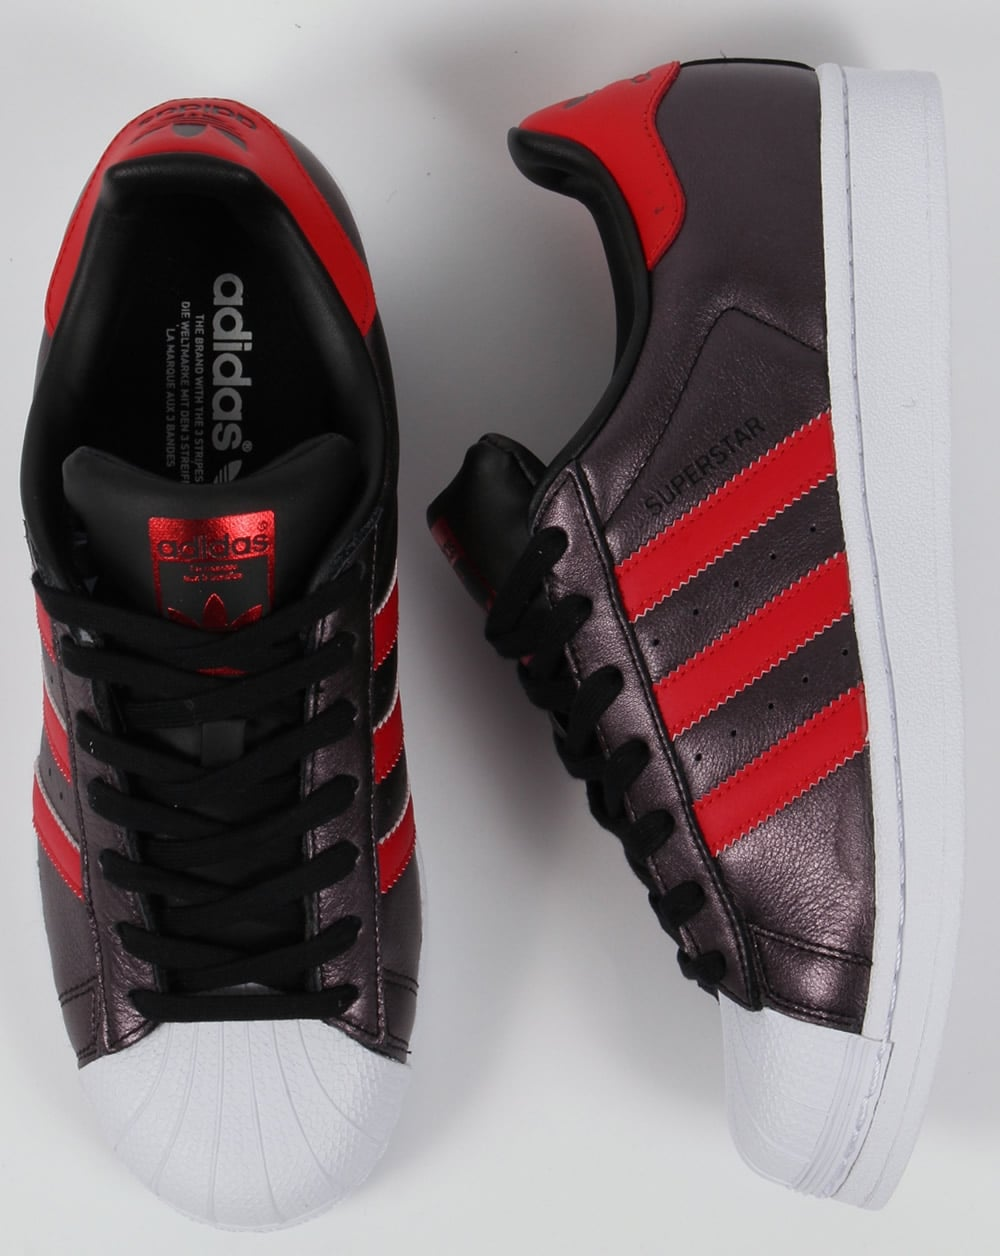 Adidas Superstar Rojo Negro cth3v